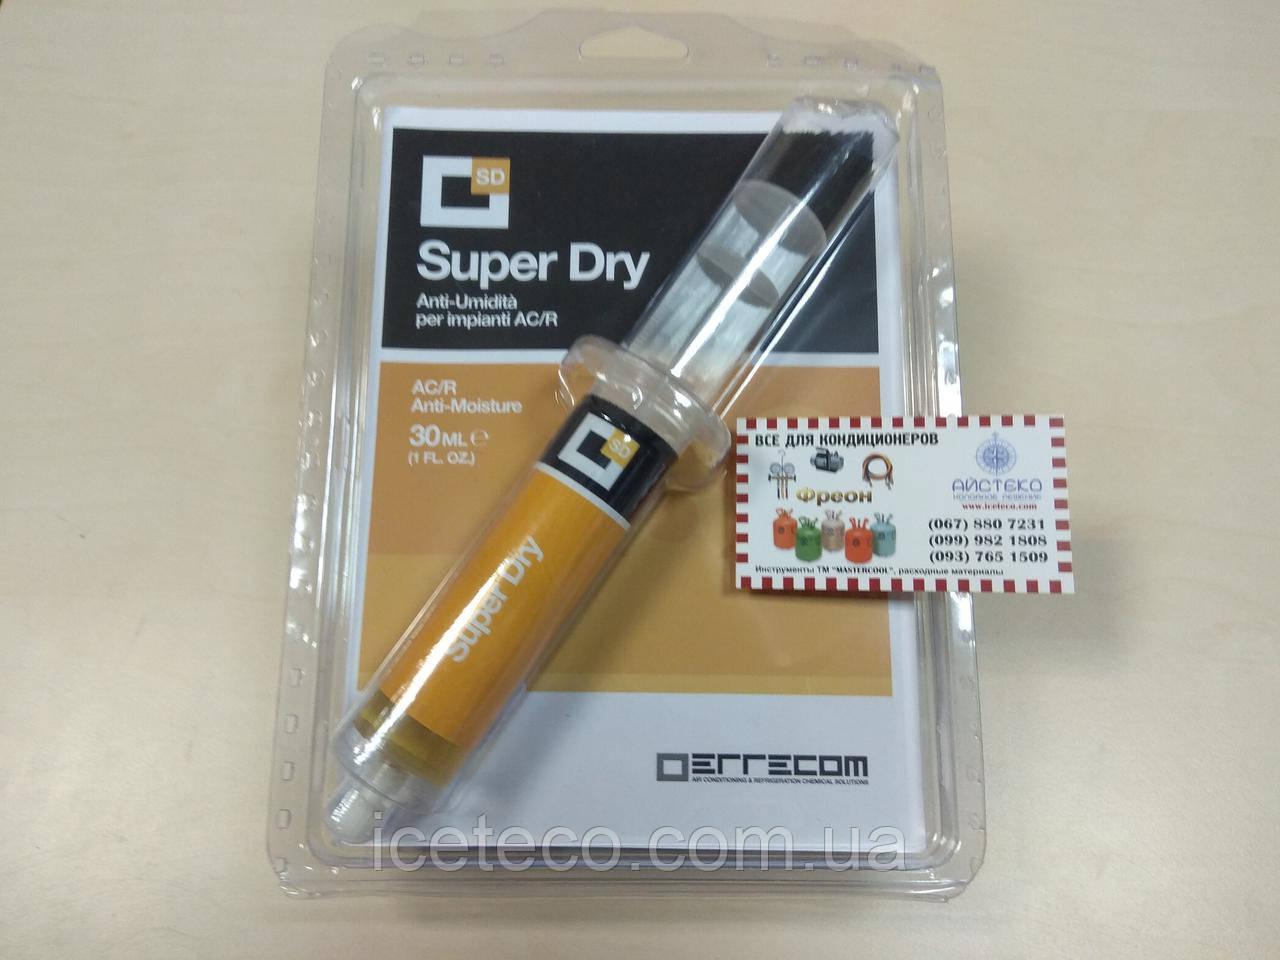 Дегидратирующая присадка Super Dry (30мл) + 2 адаптера TR1132.C.J9 Errecom